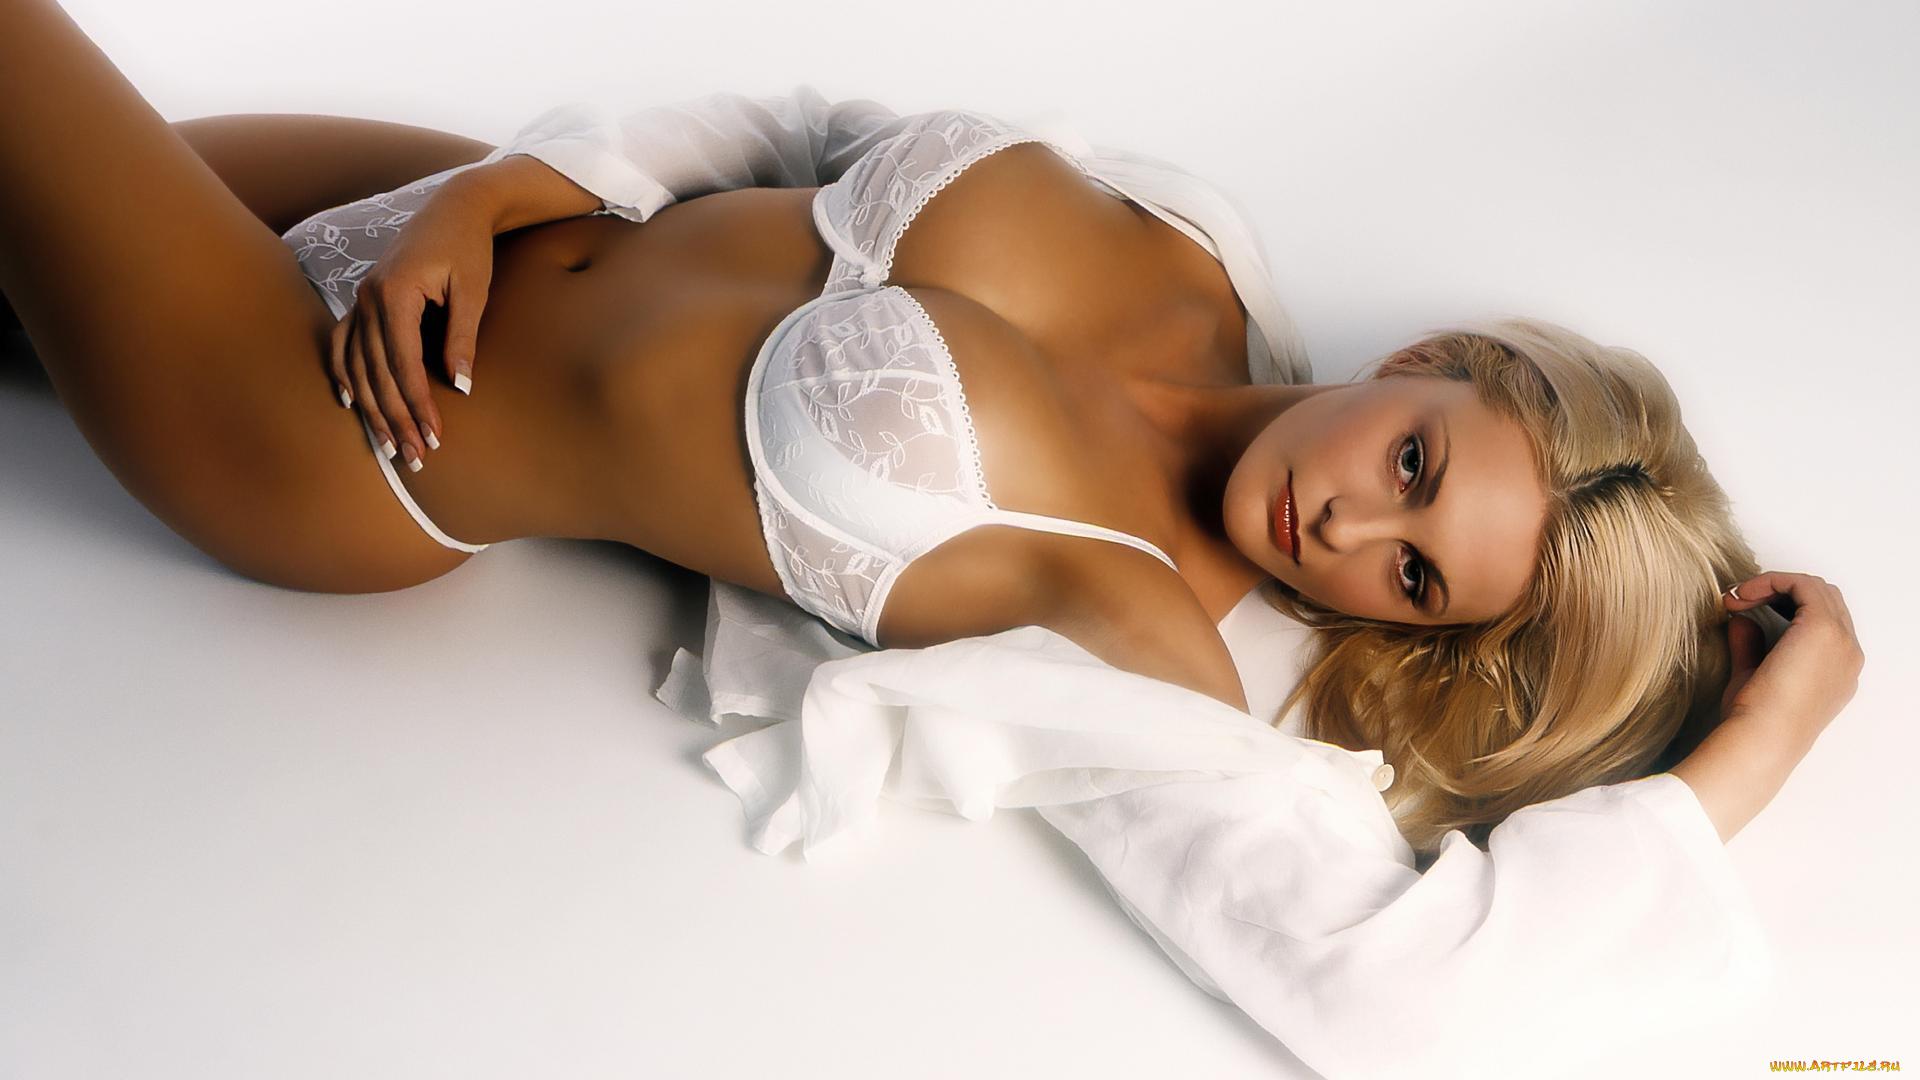 Самое возбуждающее фото, Возбуждающие фото - сексуальная Арт-эротика 12 фотография